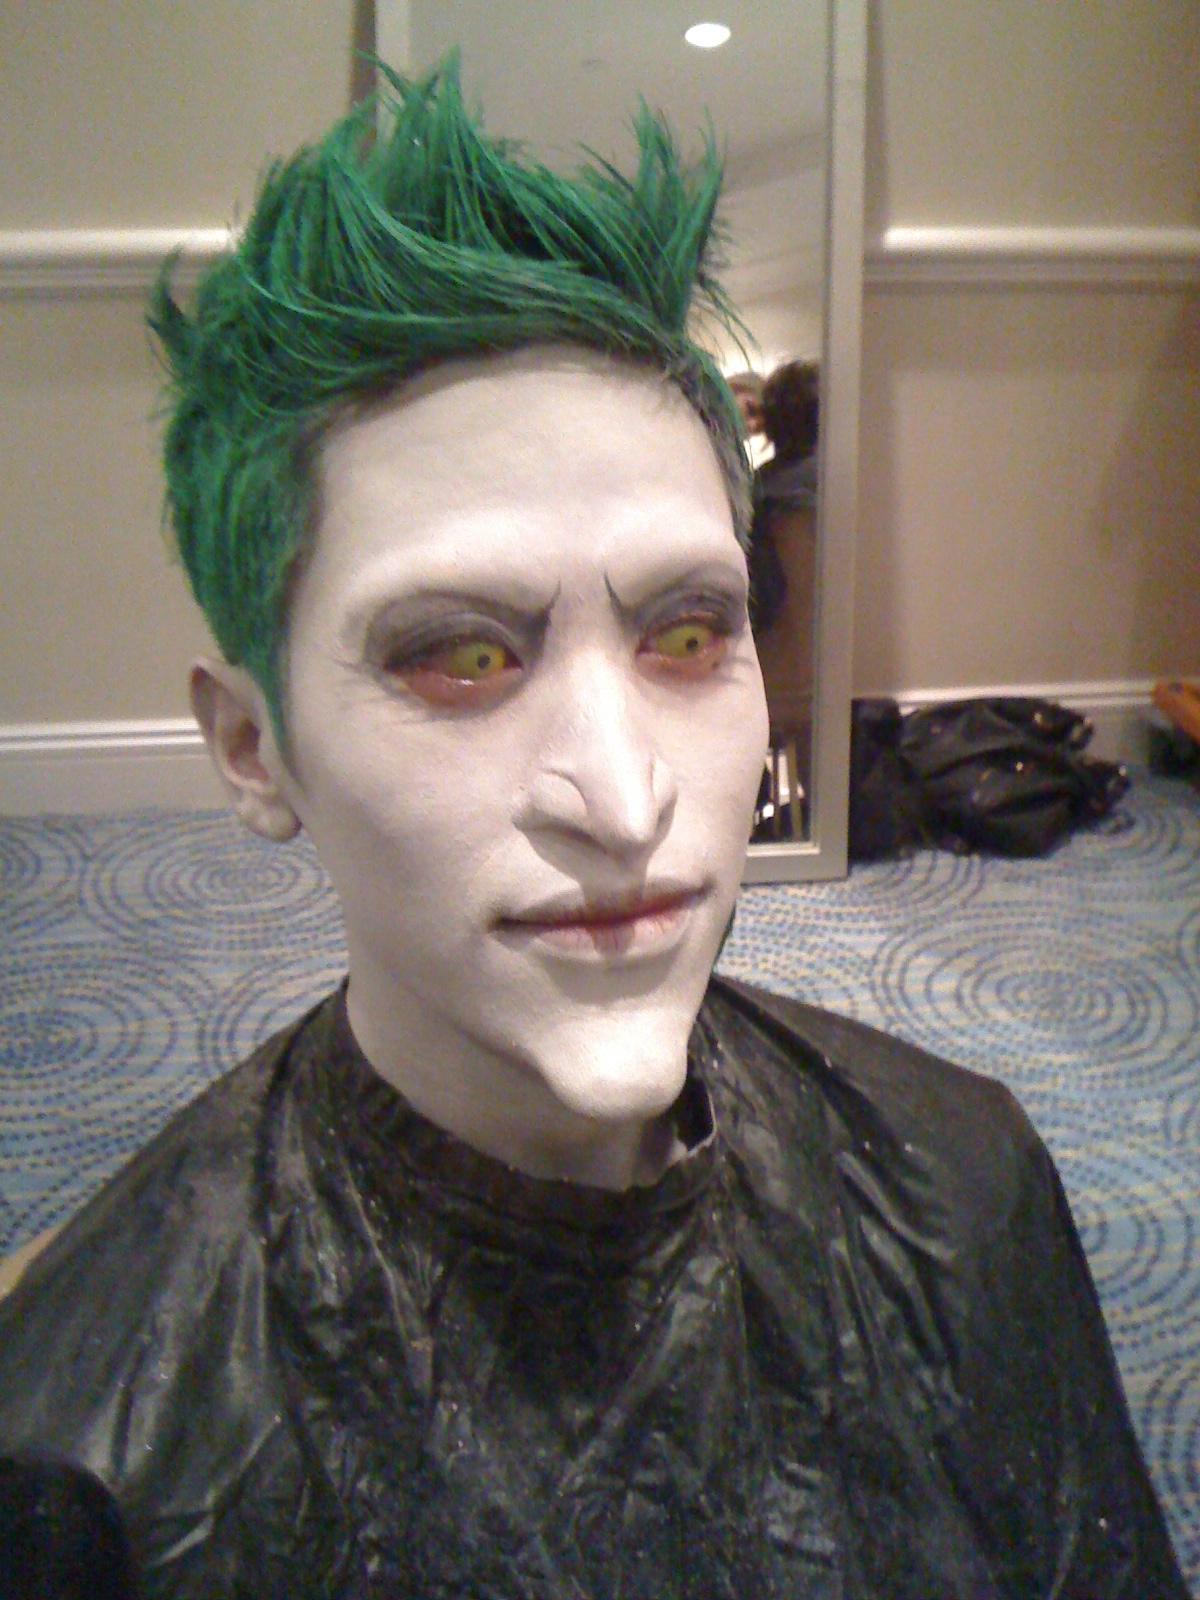 Jason Yang Batman Joker